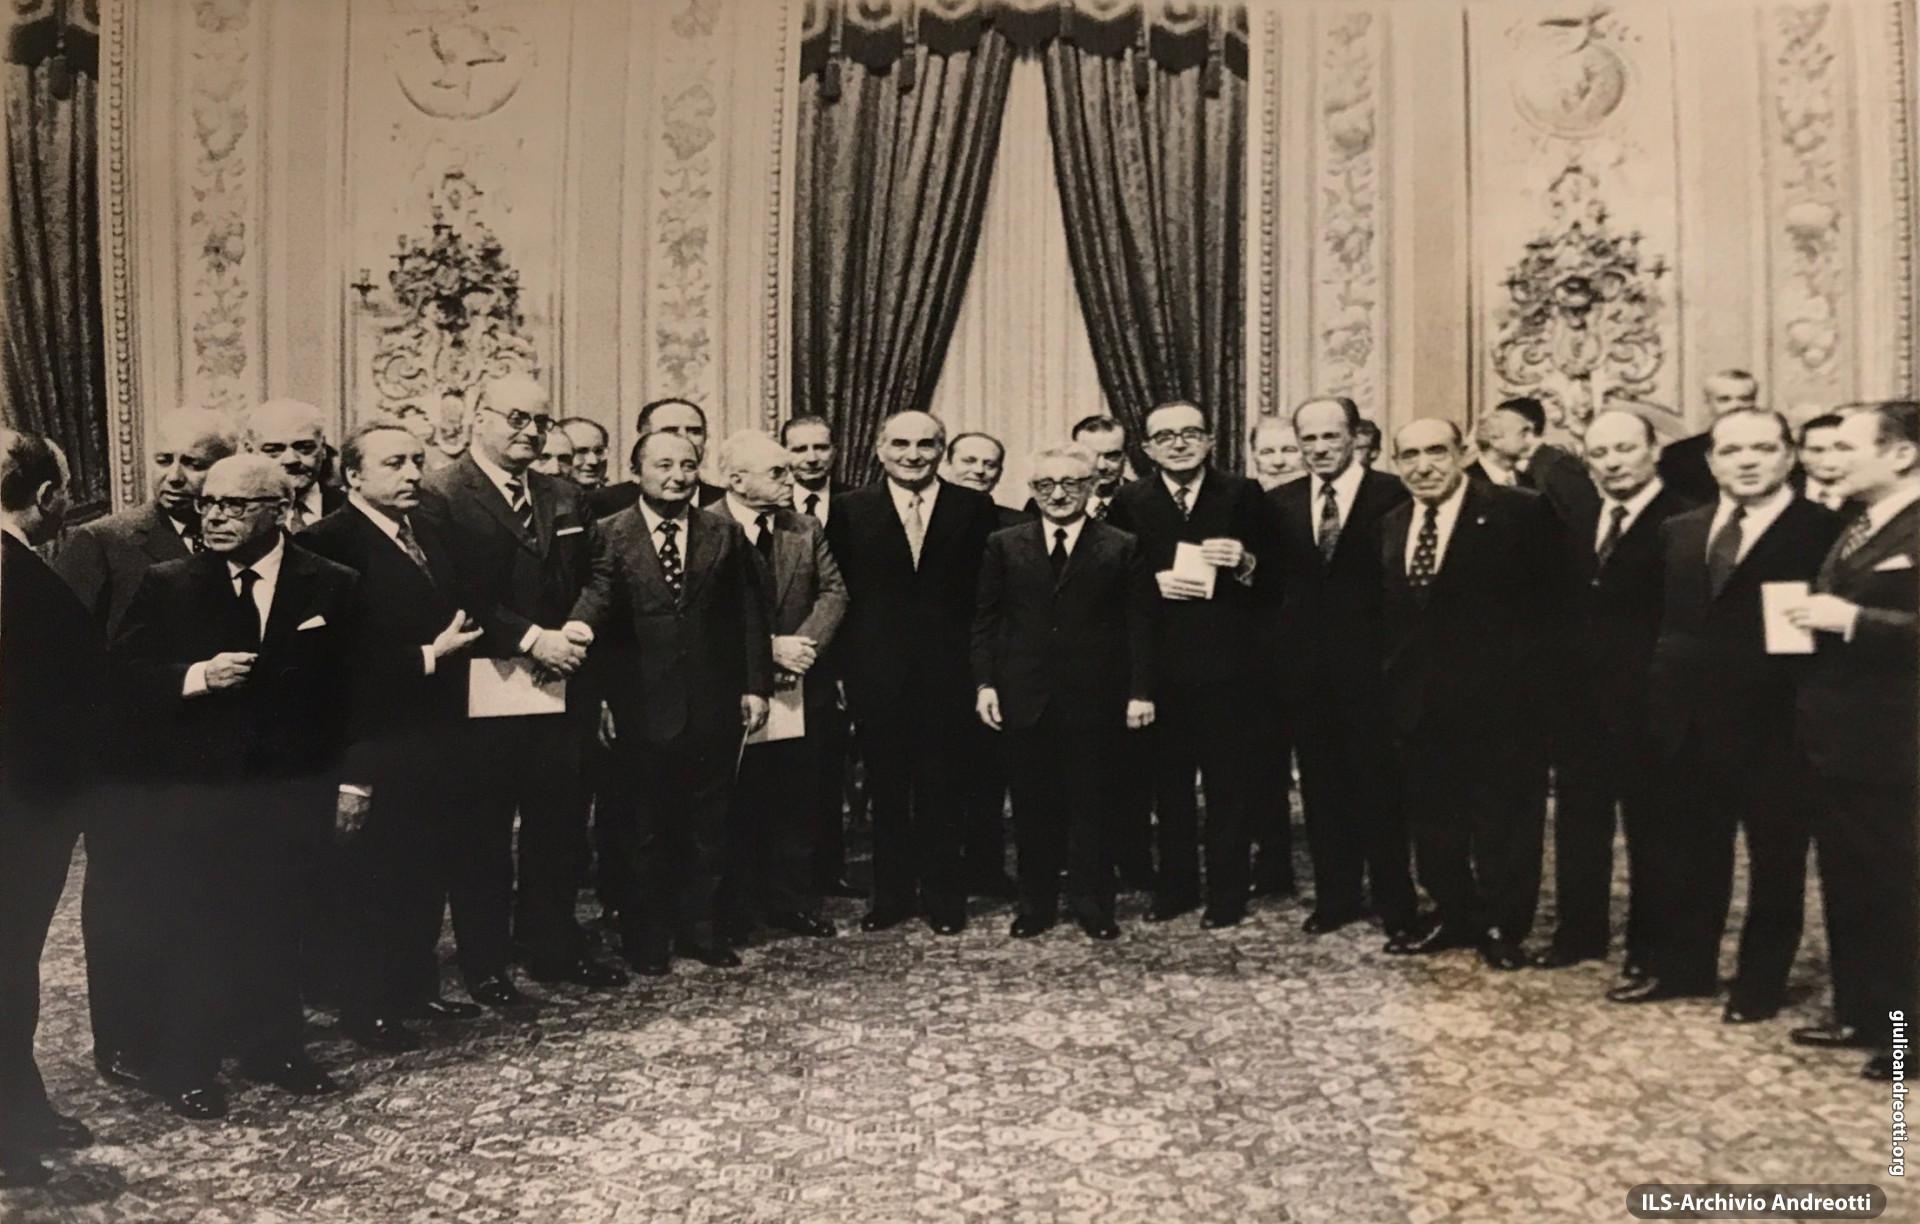 Giugno 1972. Il governo Andreotti-Malagodi posa per la foto ricordo in Quirinale dopo la cerimonia di giuramento.